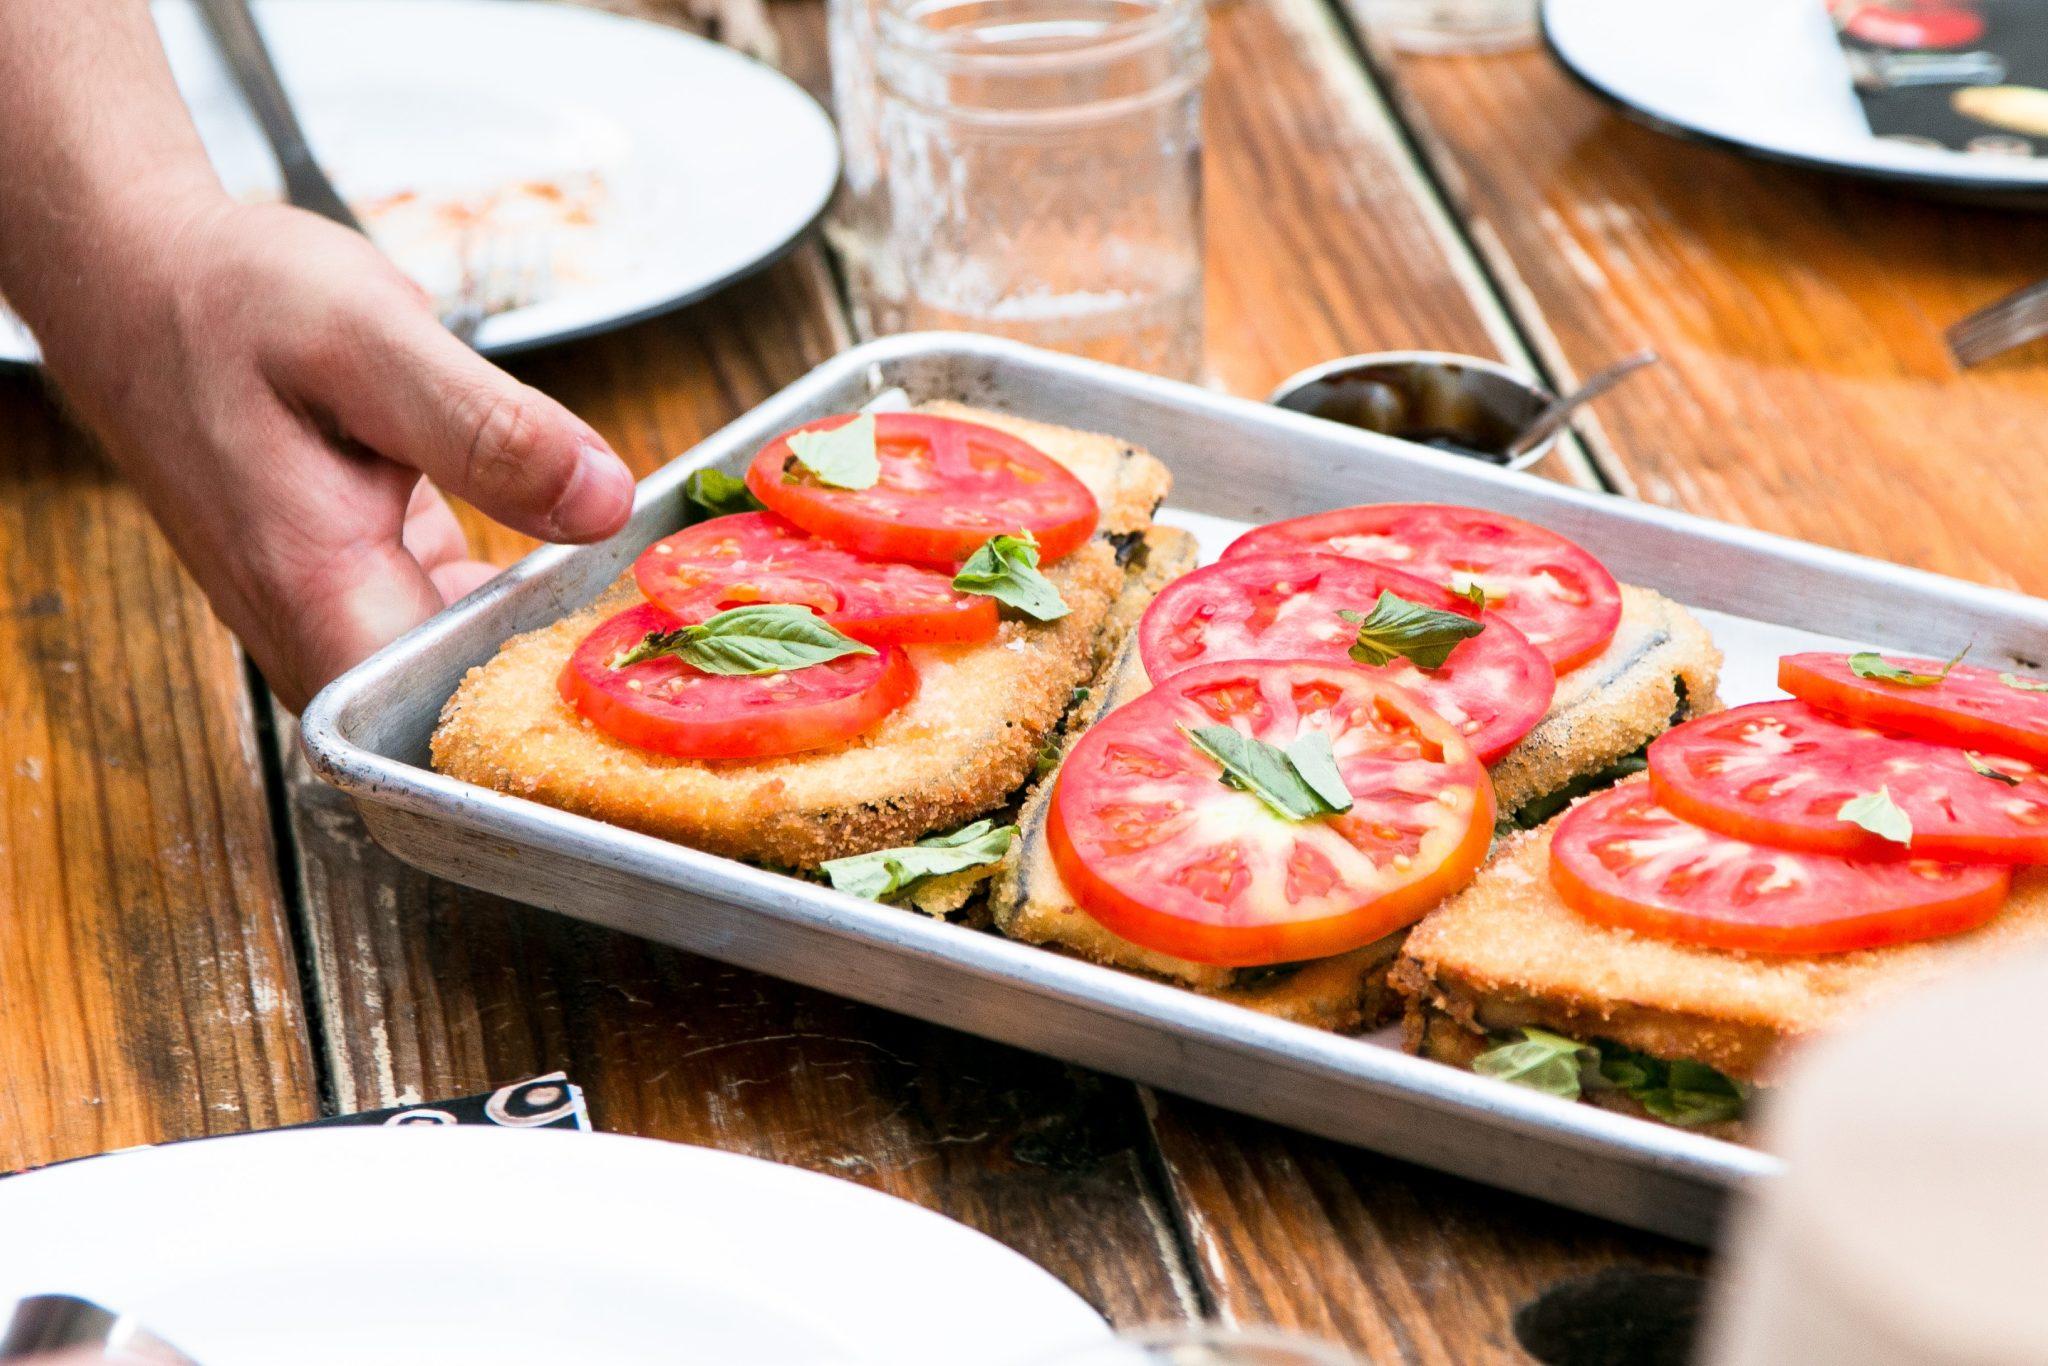 Totul despre licopen și de ce este bine să gătim roşiile înainte de a le consuma